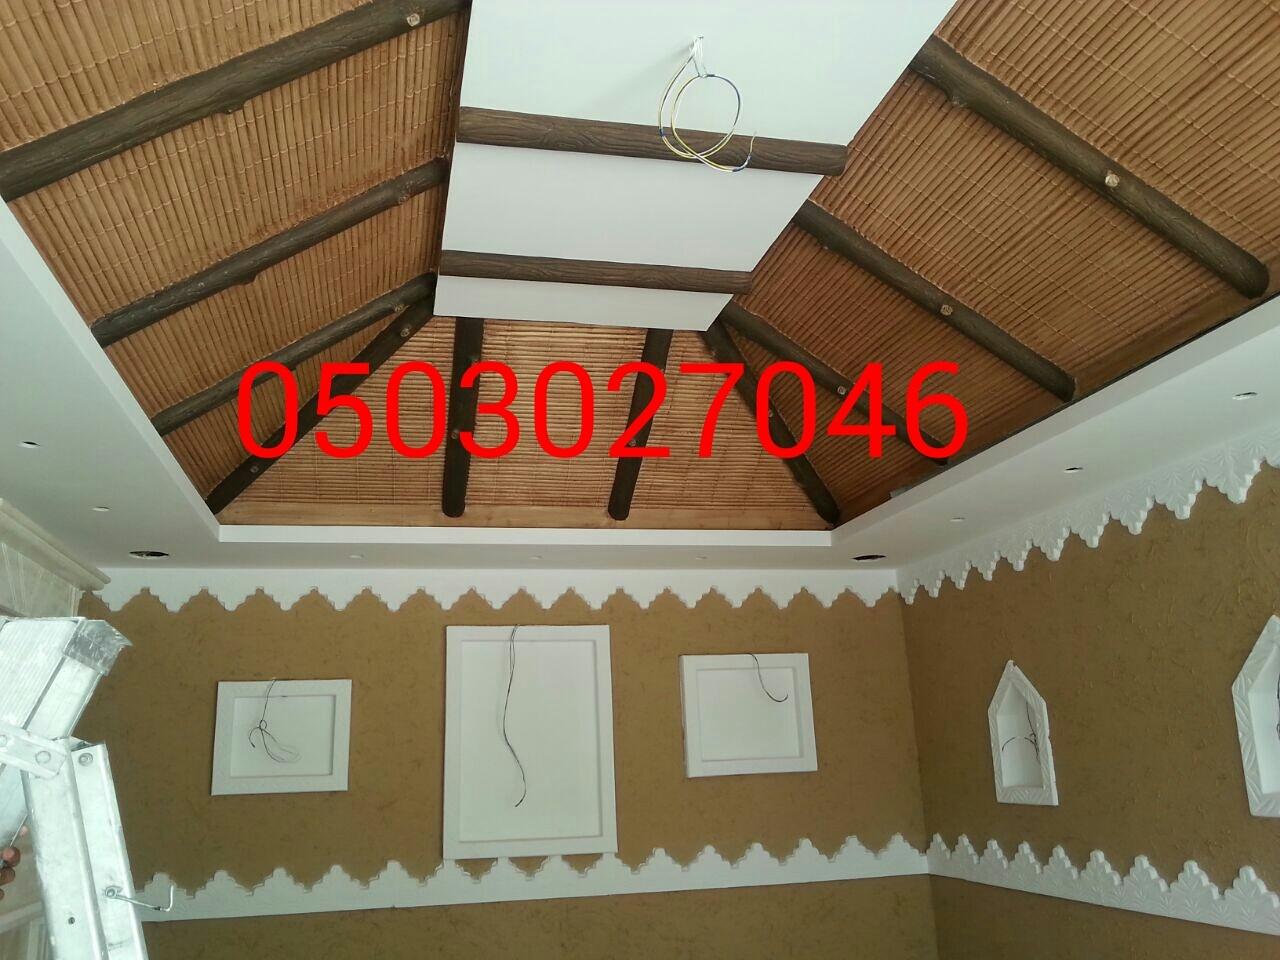 غرف تراثيه,0503027046 ~ صور مشبات,مشبات رخام,مدافئ امريكية,0503027046